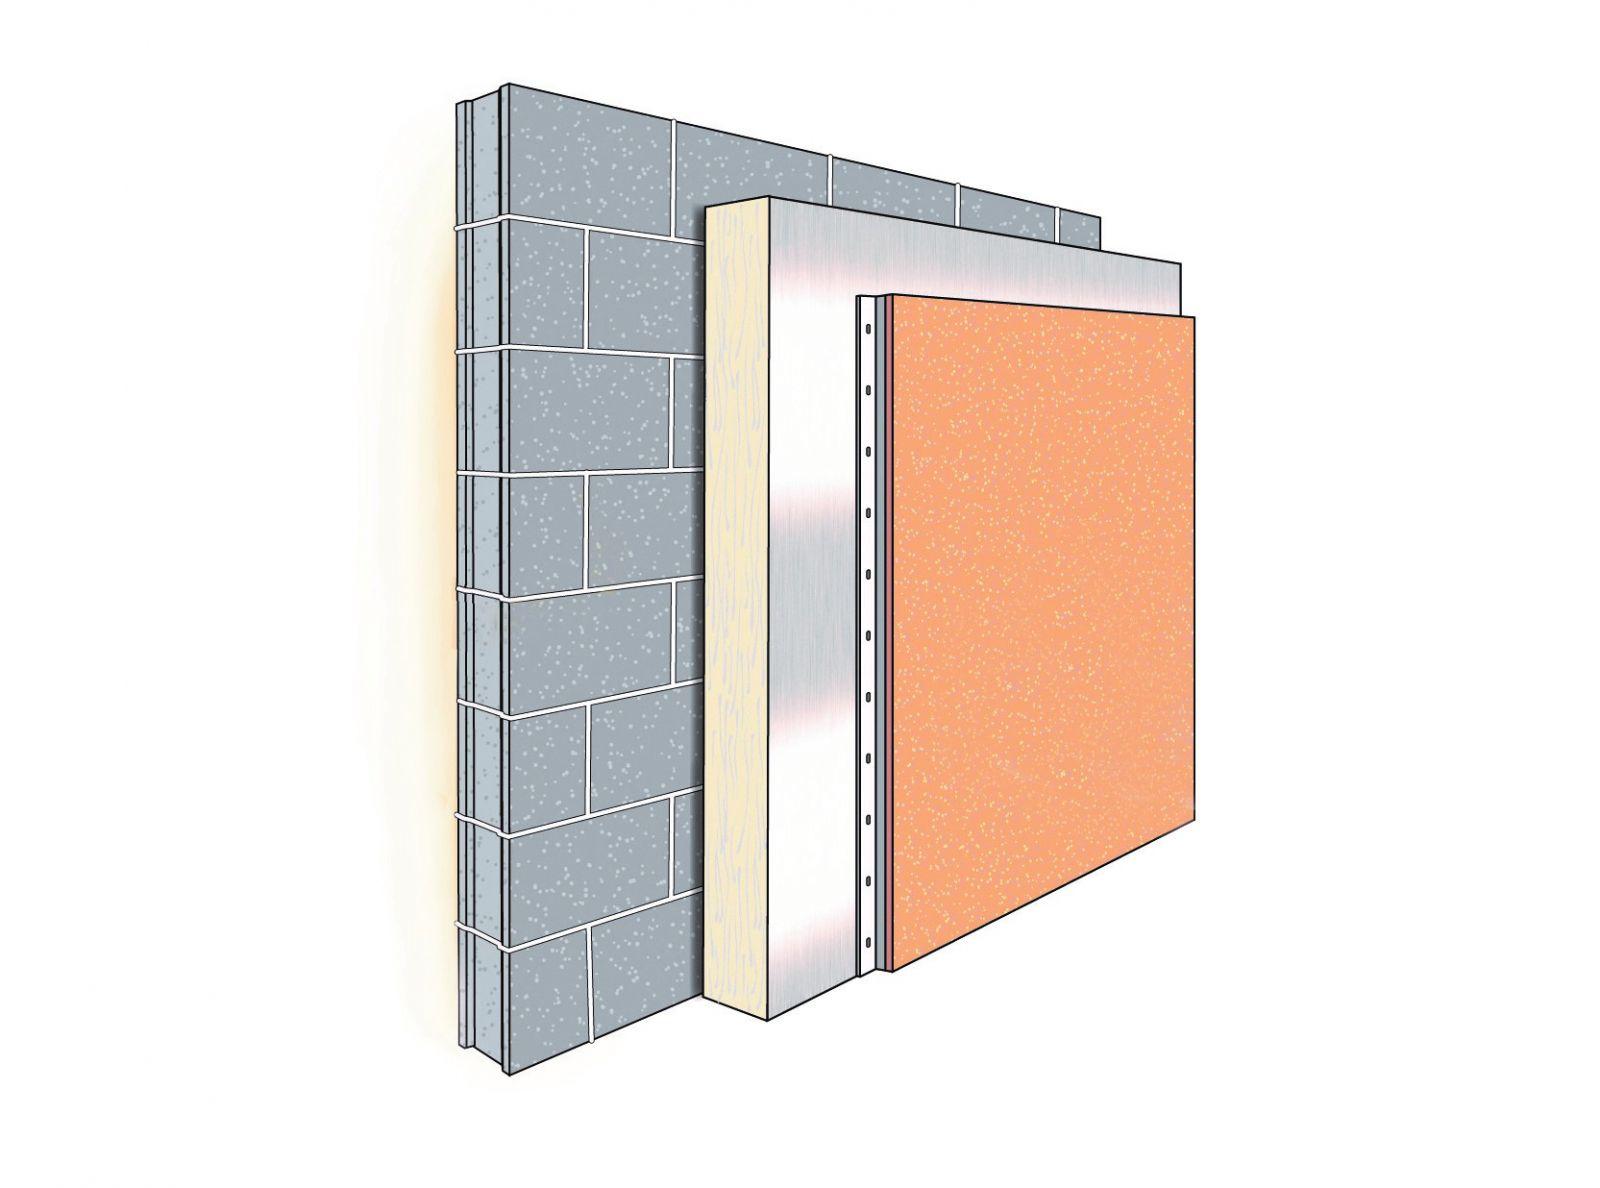 isolation ext rieure solution ligible aux aides de l 39 etat uniso. Black Bedroom Furniture Sets. Home Design Ideas